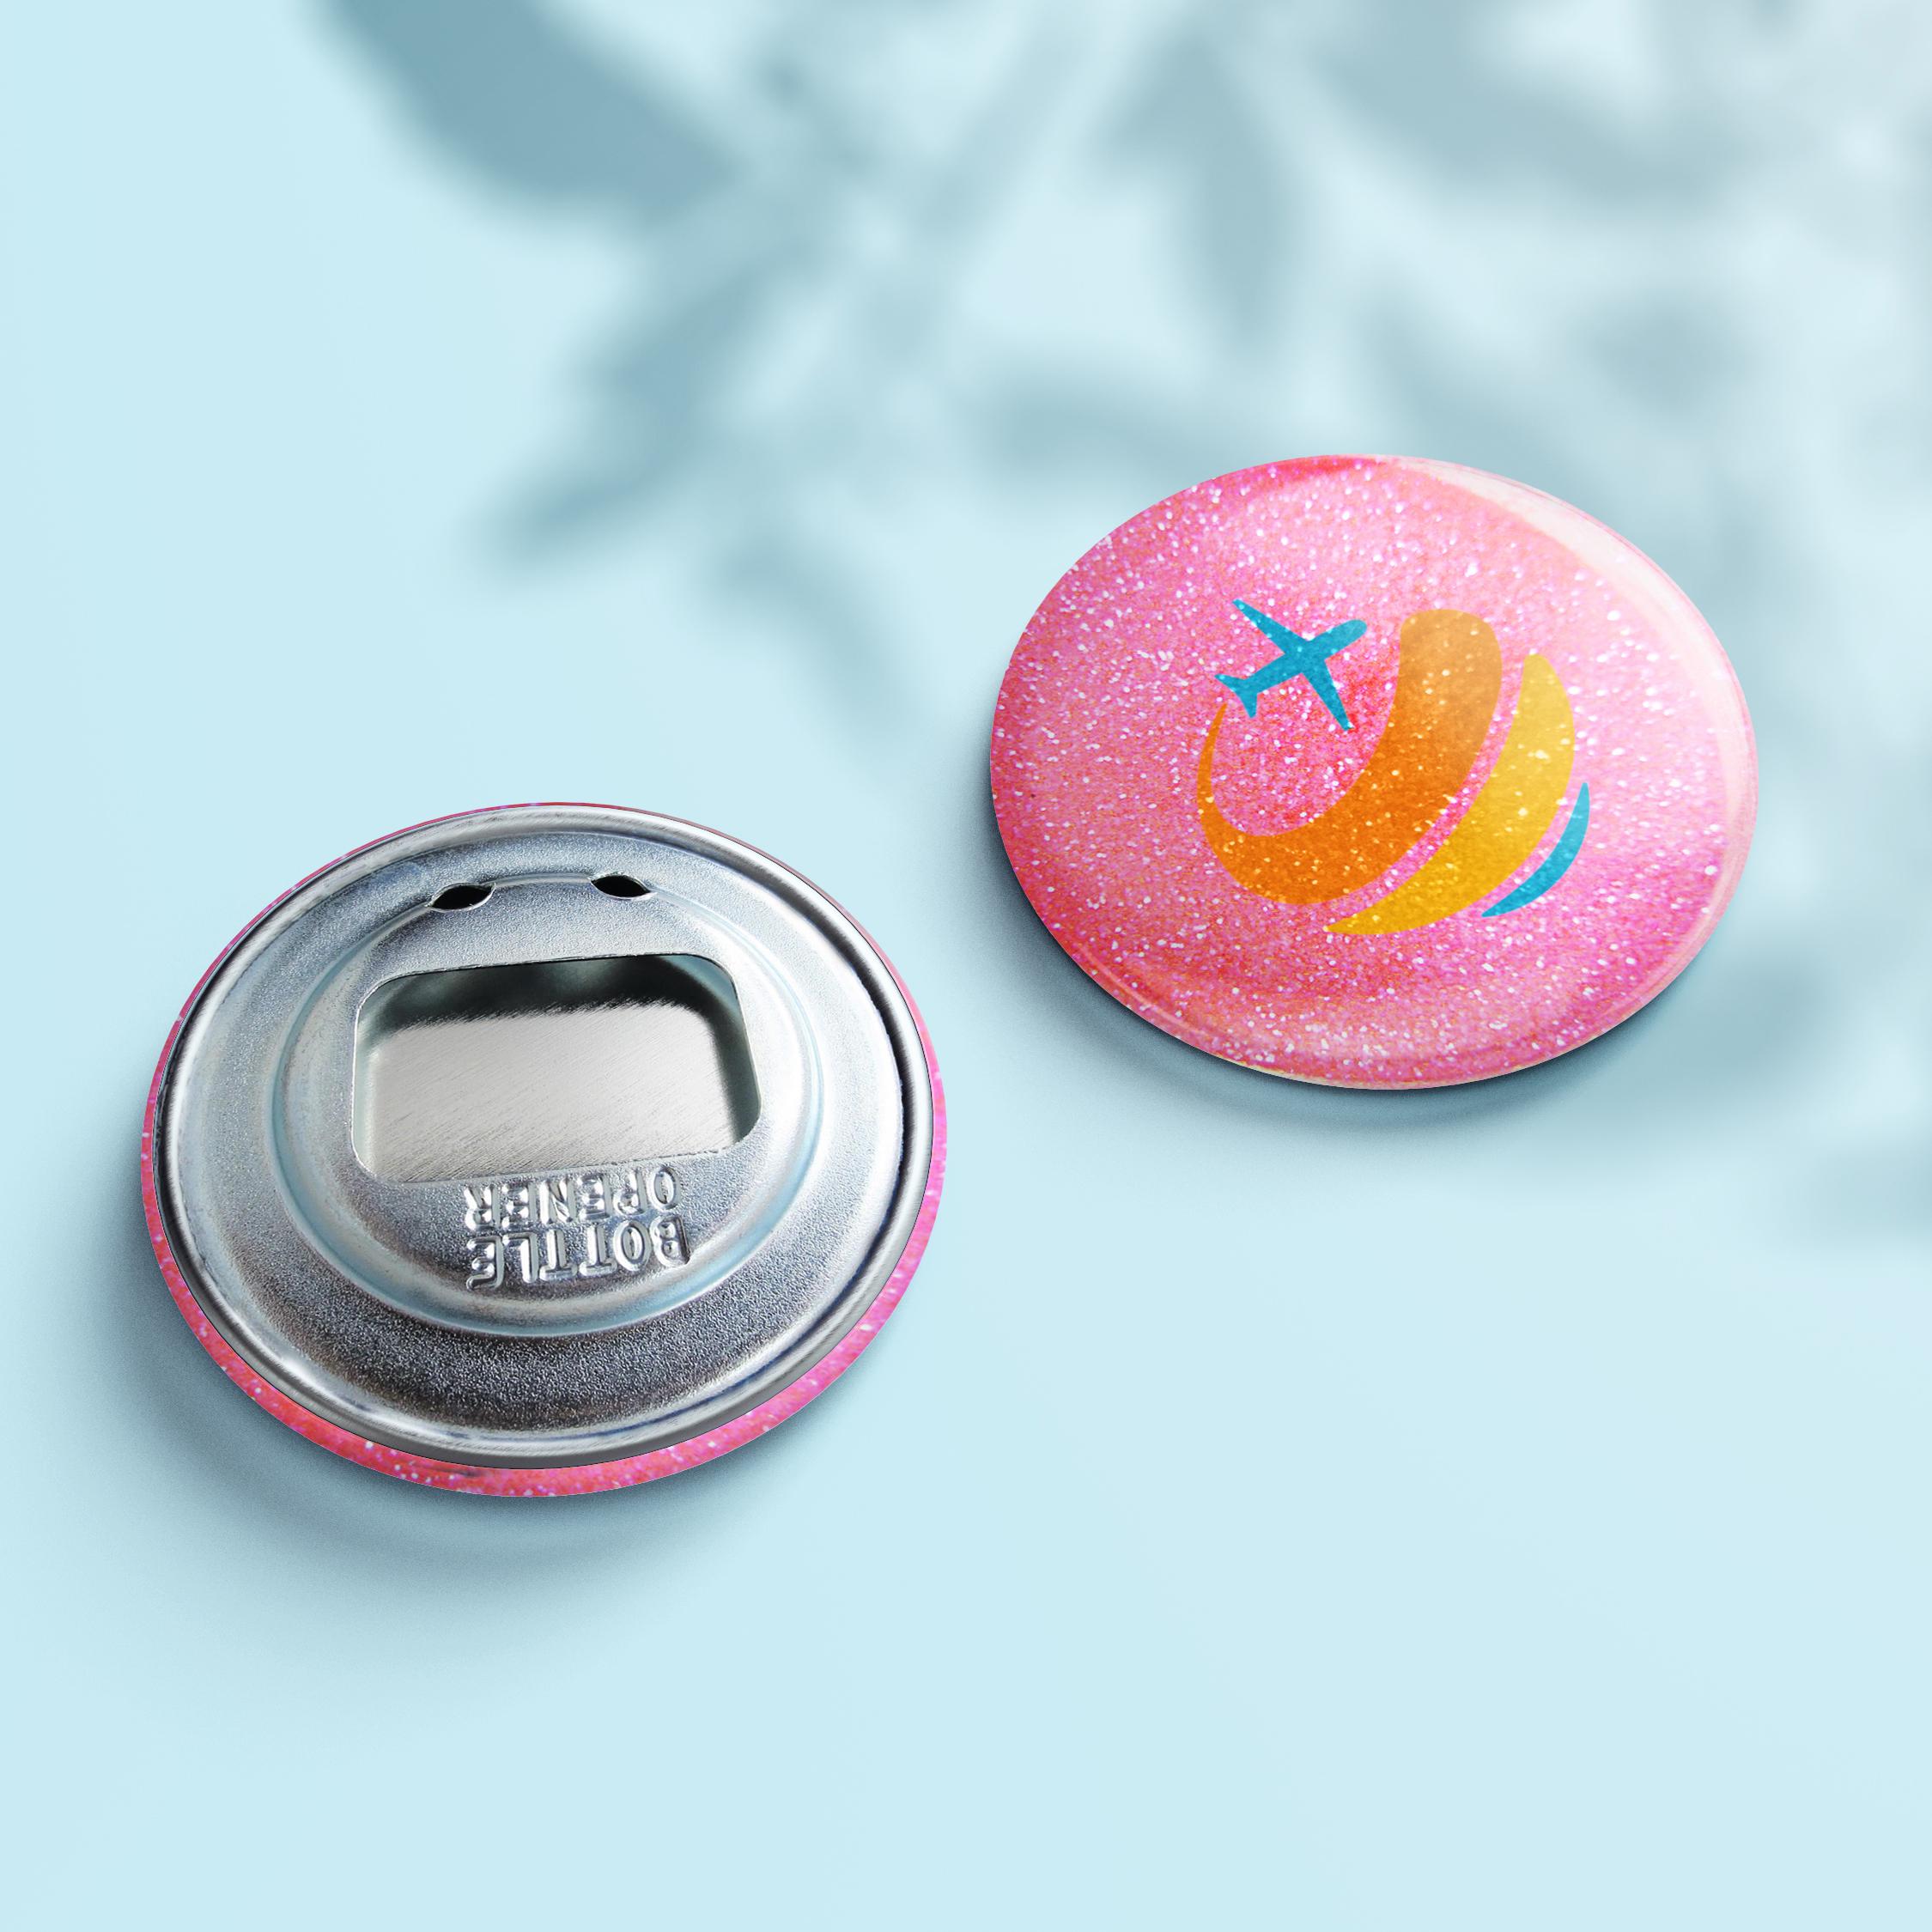 Flaschenöffner Glitzer Button - Design Pink